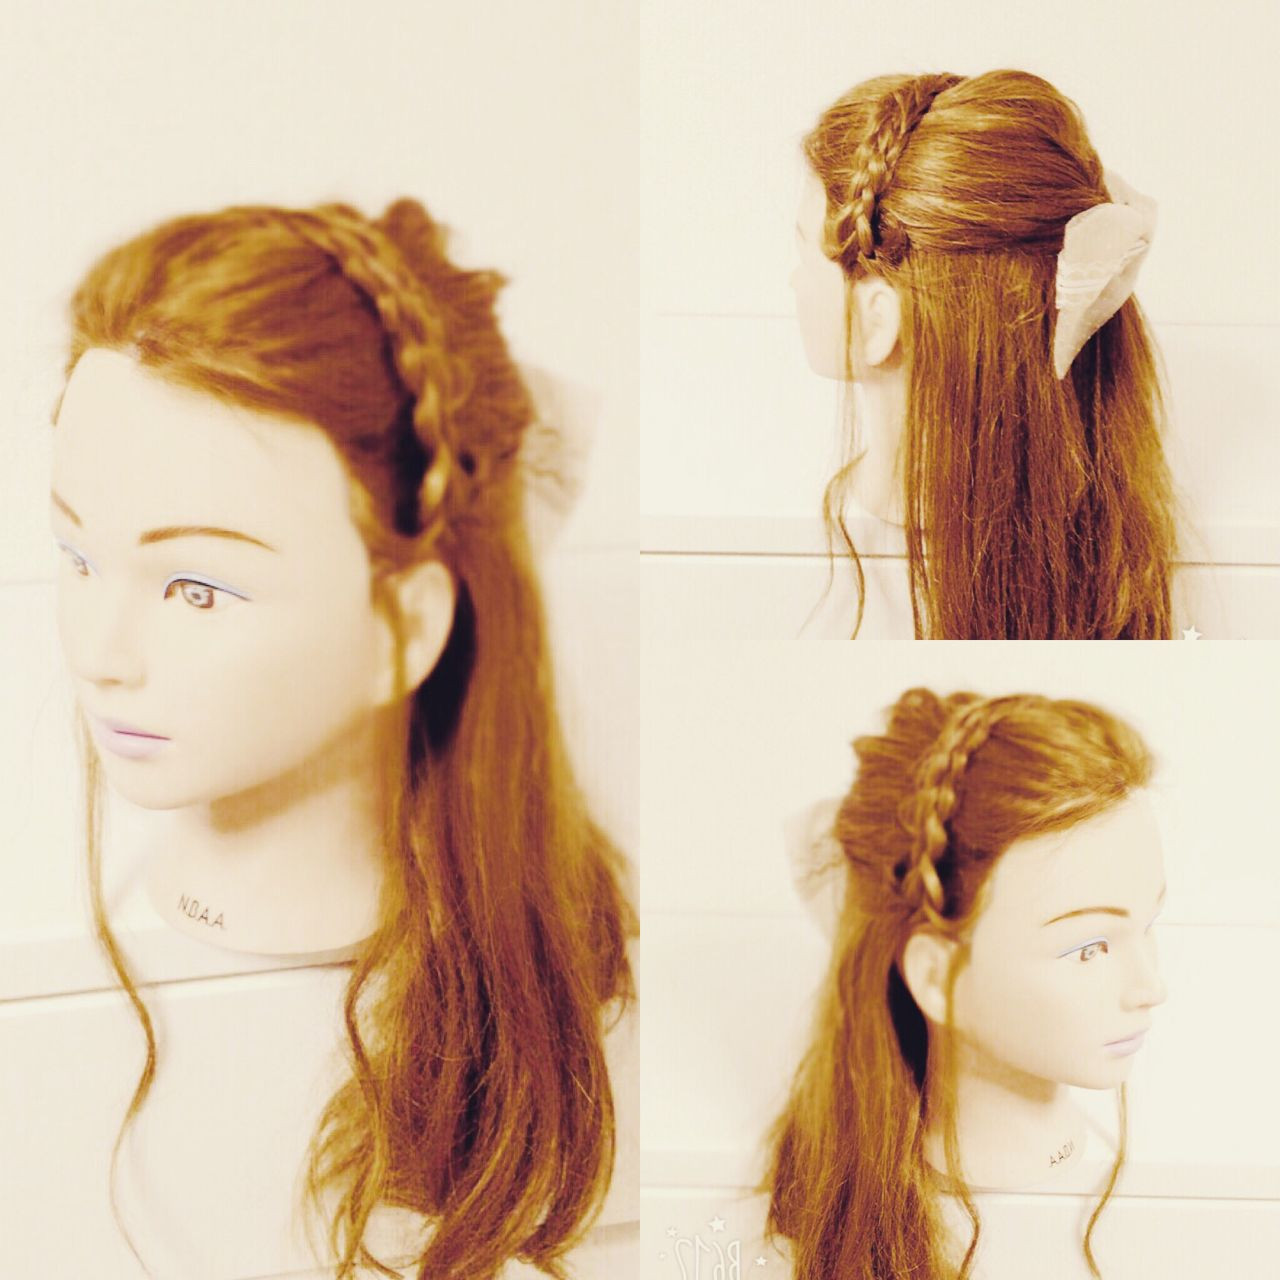 【簡単】可愛さ無限大な三つ編みヘアアレンジでこなれヘアに♡ いまむ